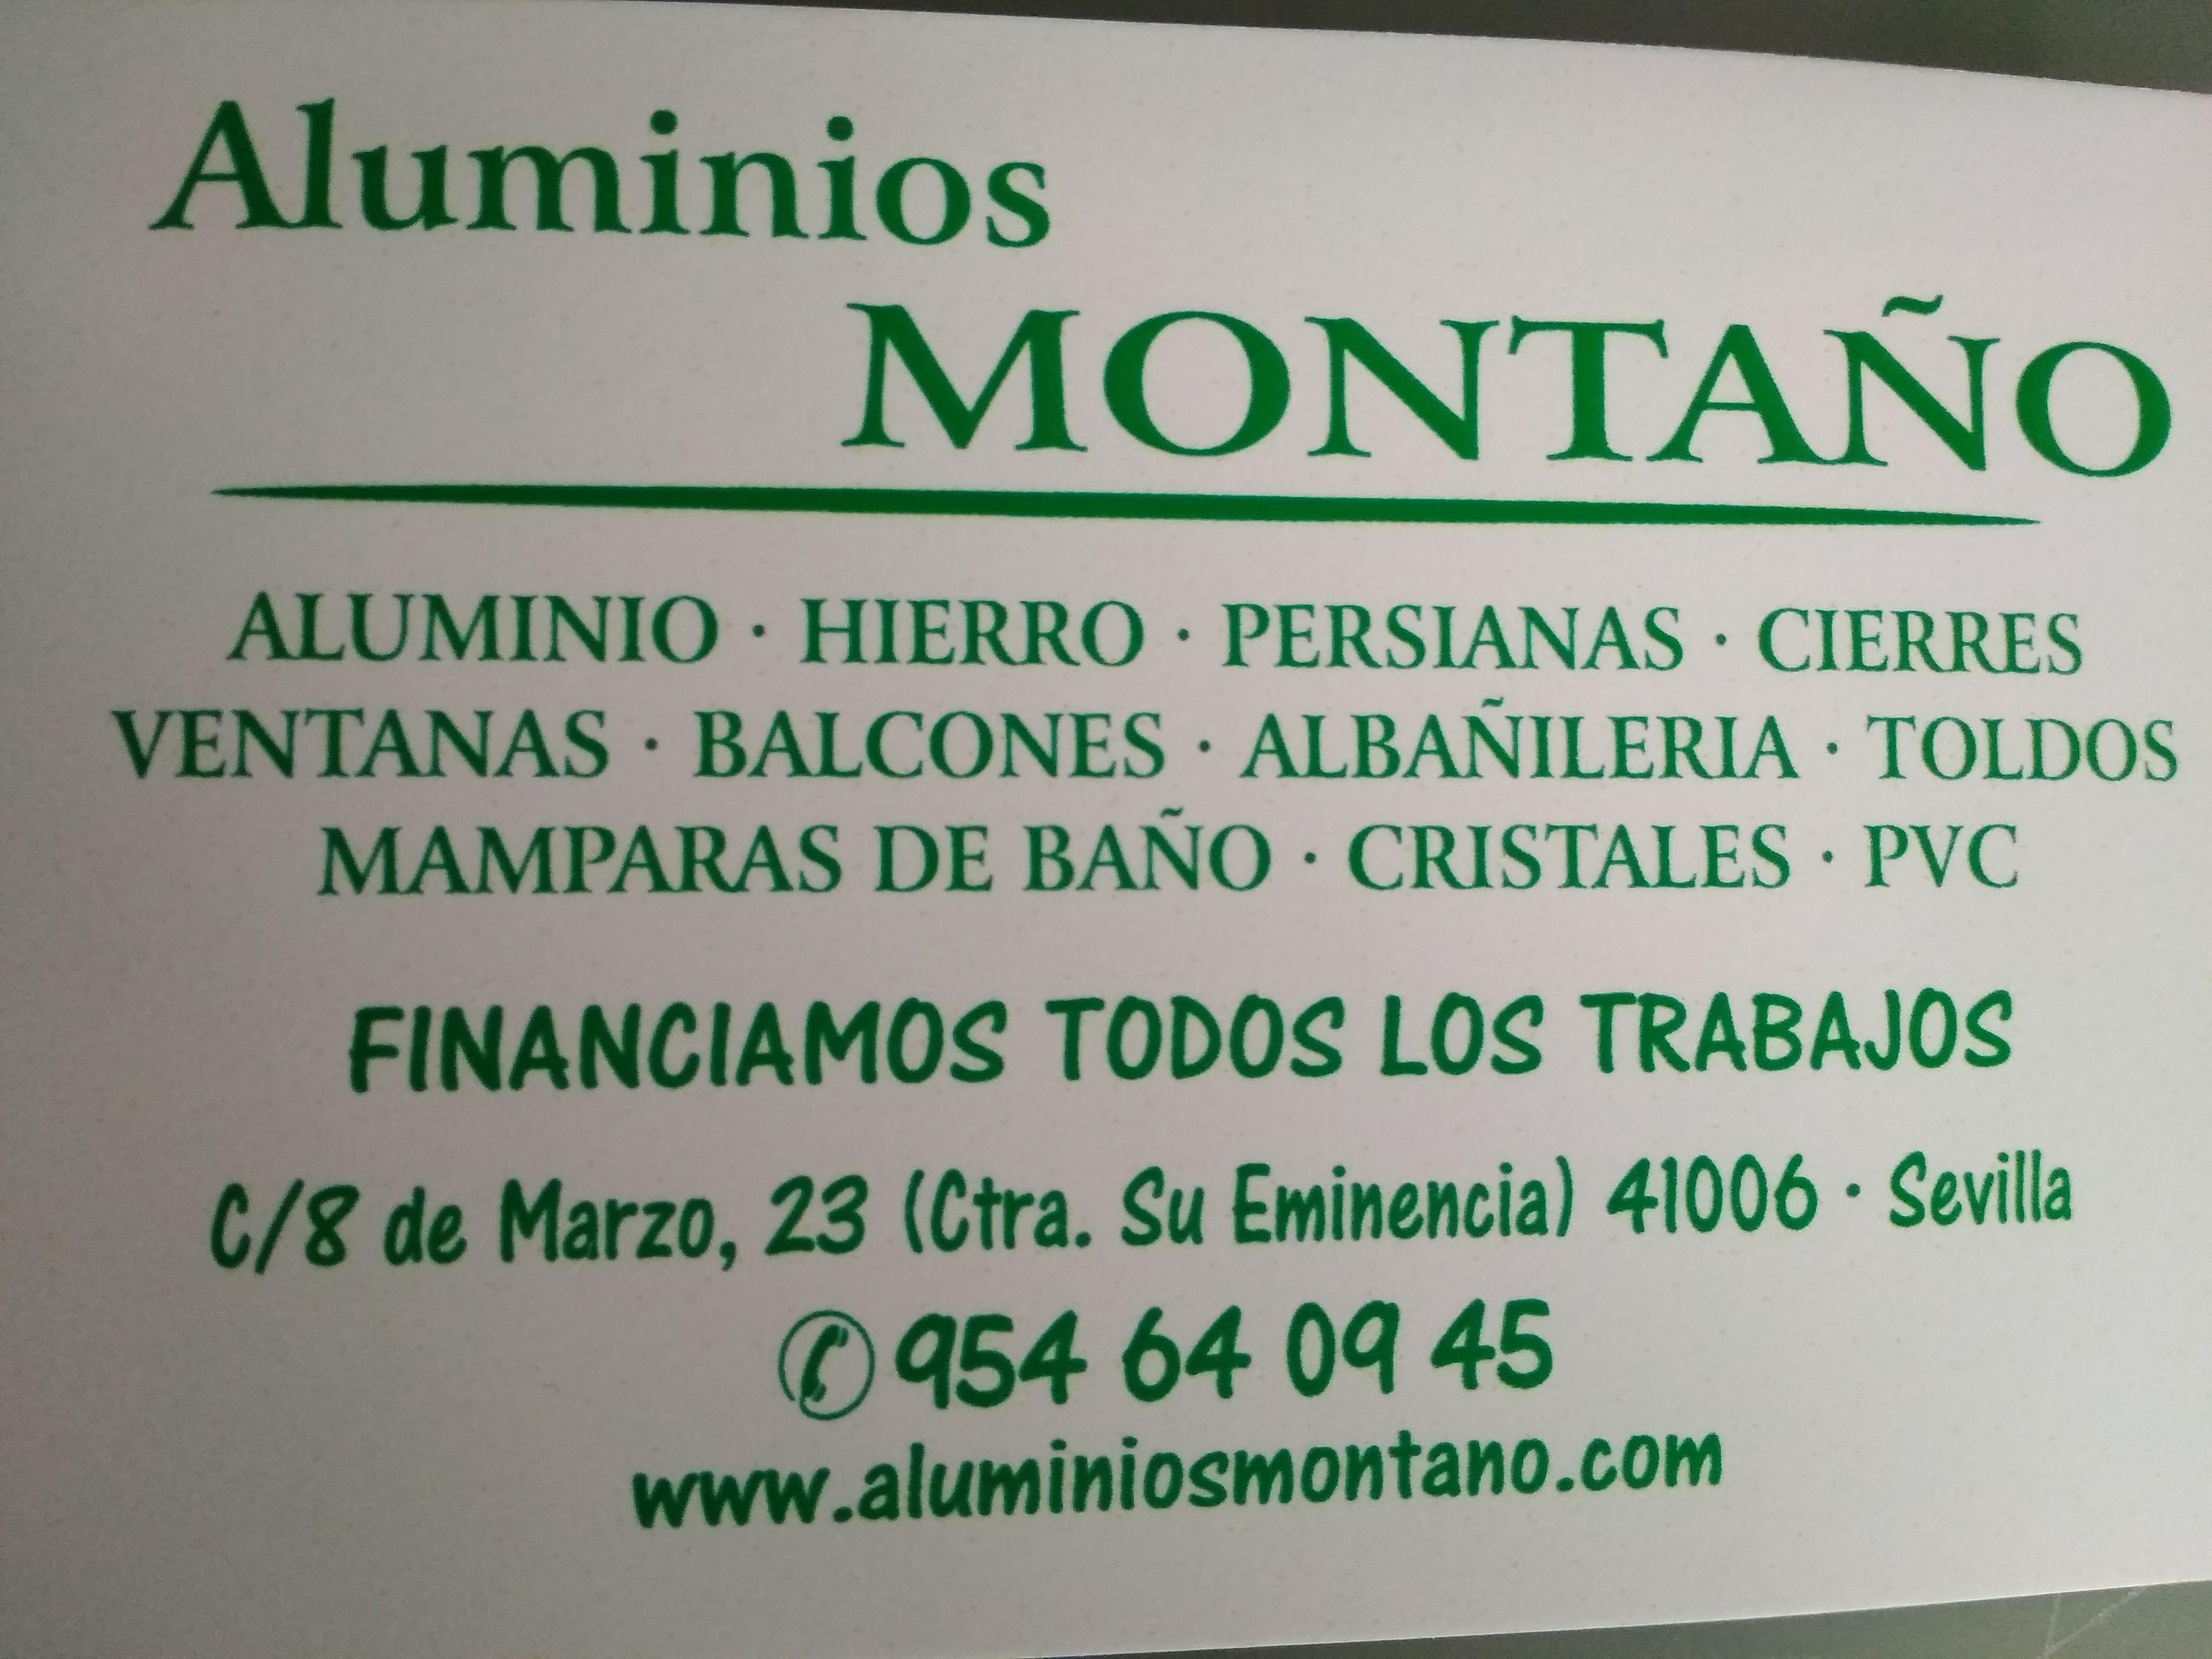 Aluminios Montaño